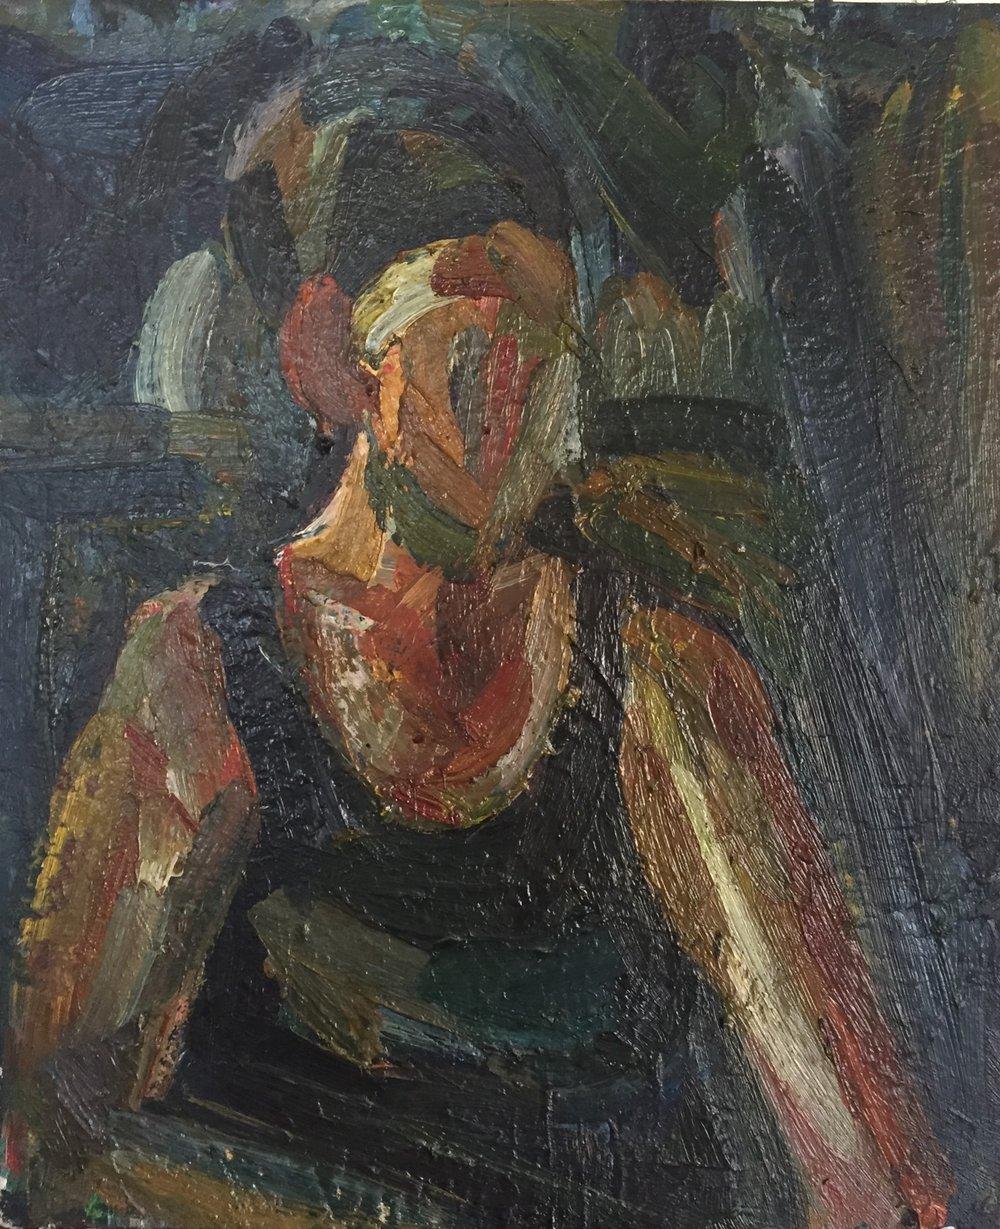 natia, around 1992